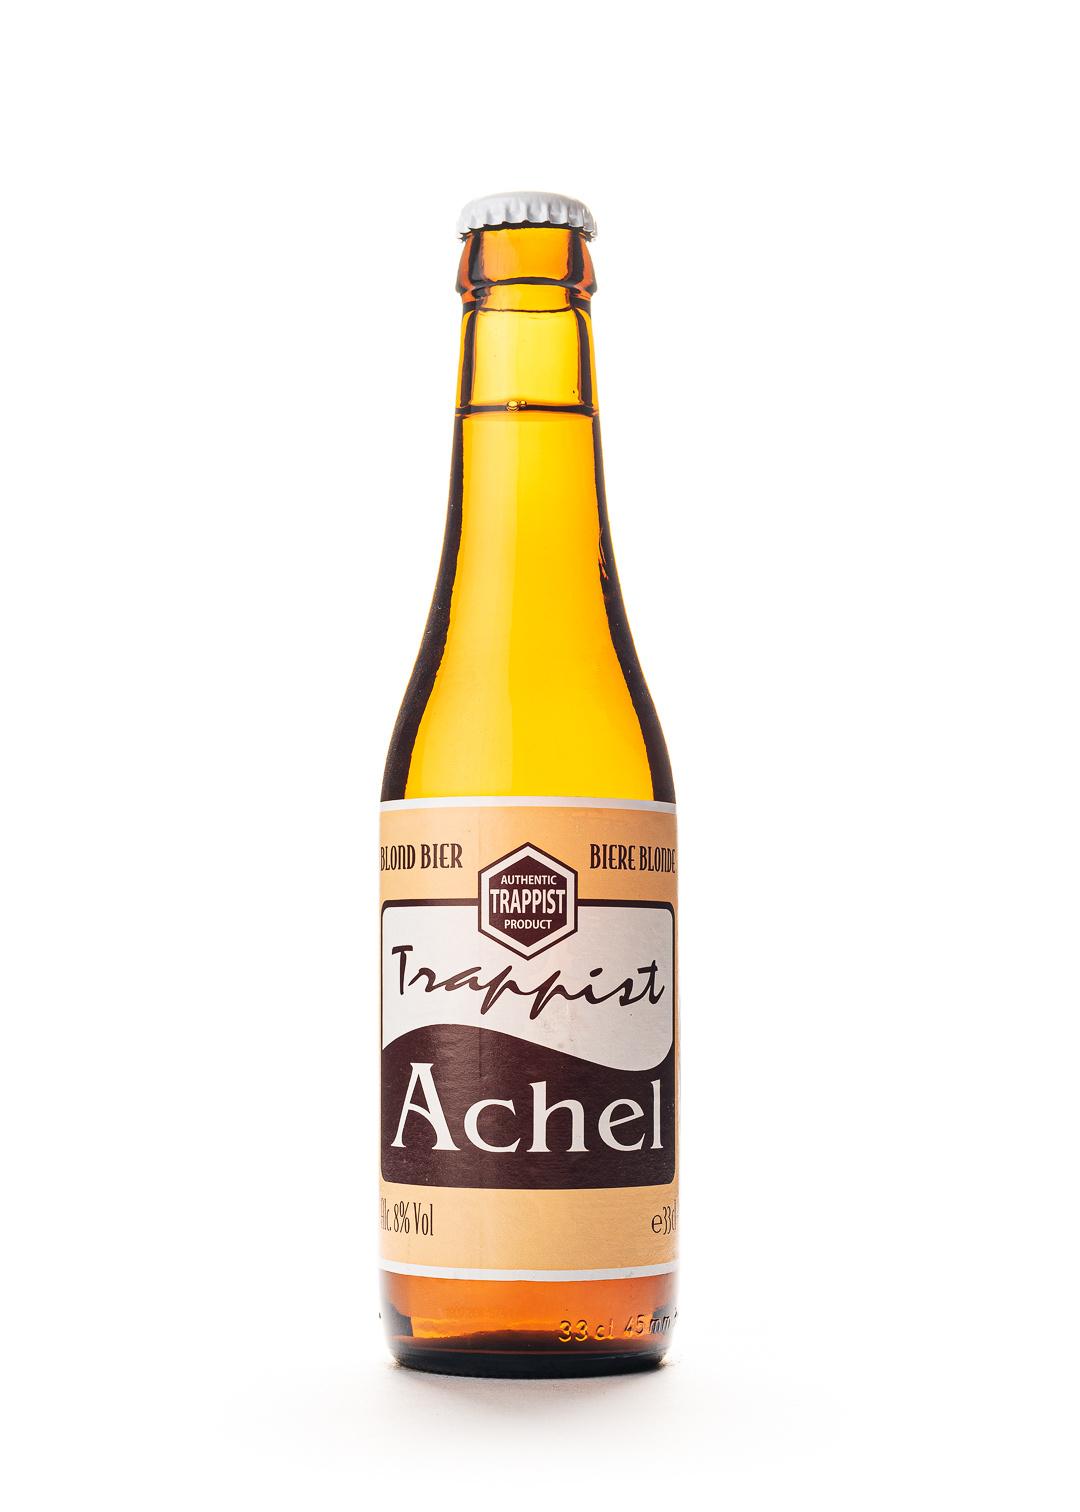 Buy online Achel Blond 33cl - Online beershop - Beer of Belgium